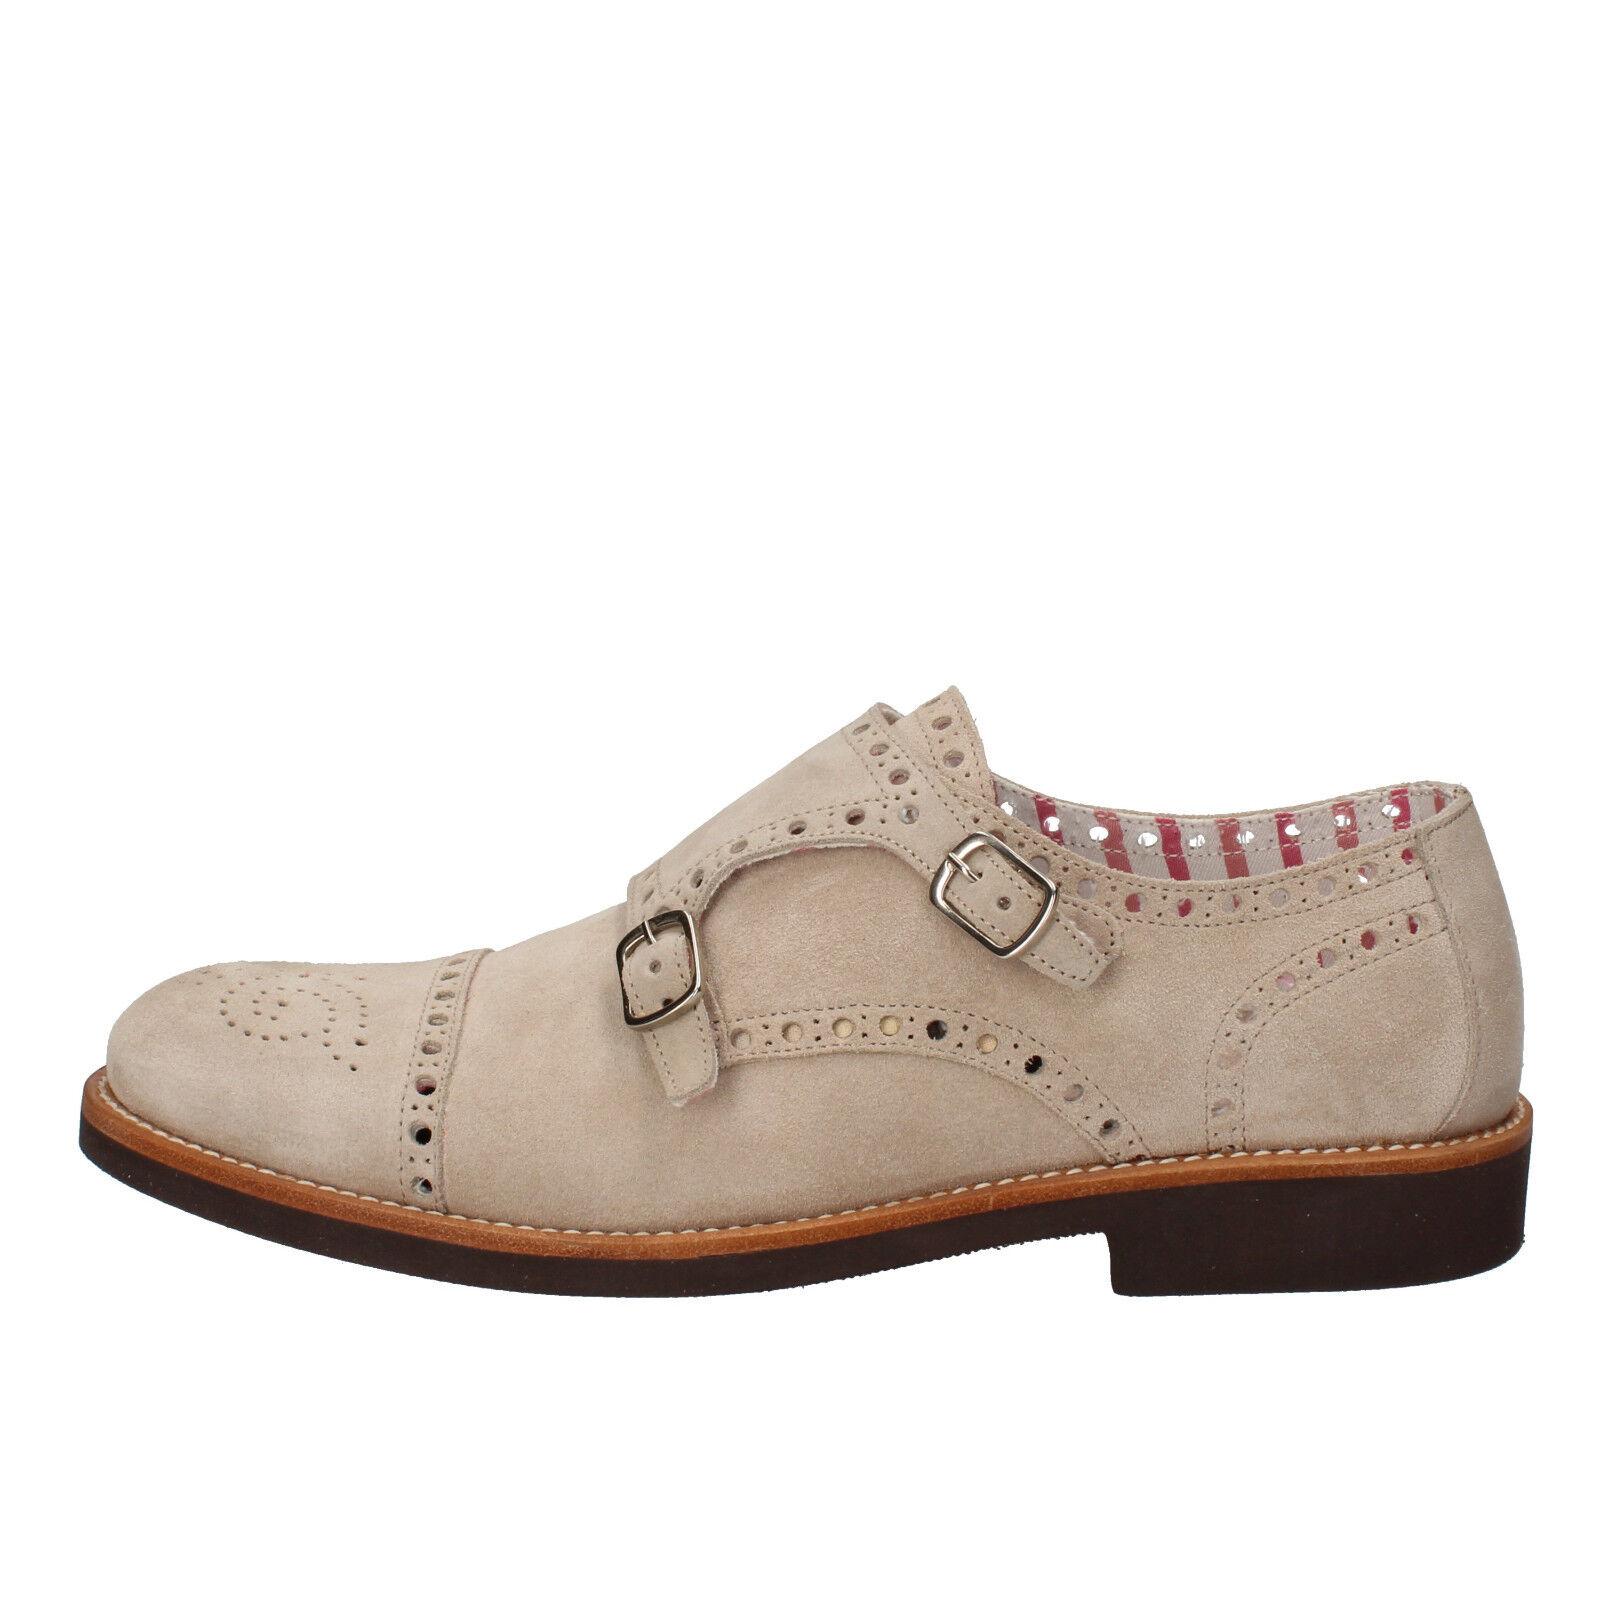 Men's shoes DI MELLA 8 (EU 41) elegant   oxford-shoes beige suede AD270-D